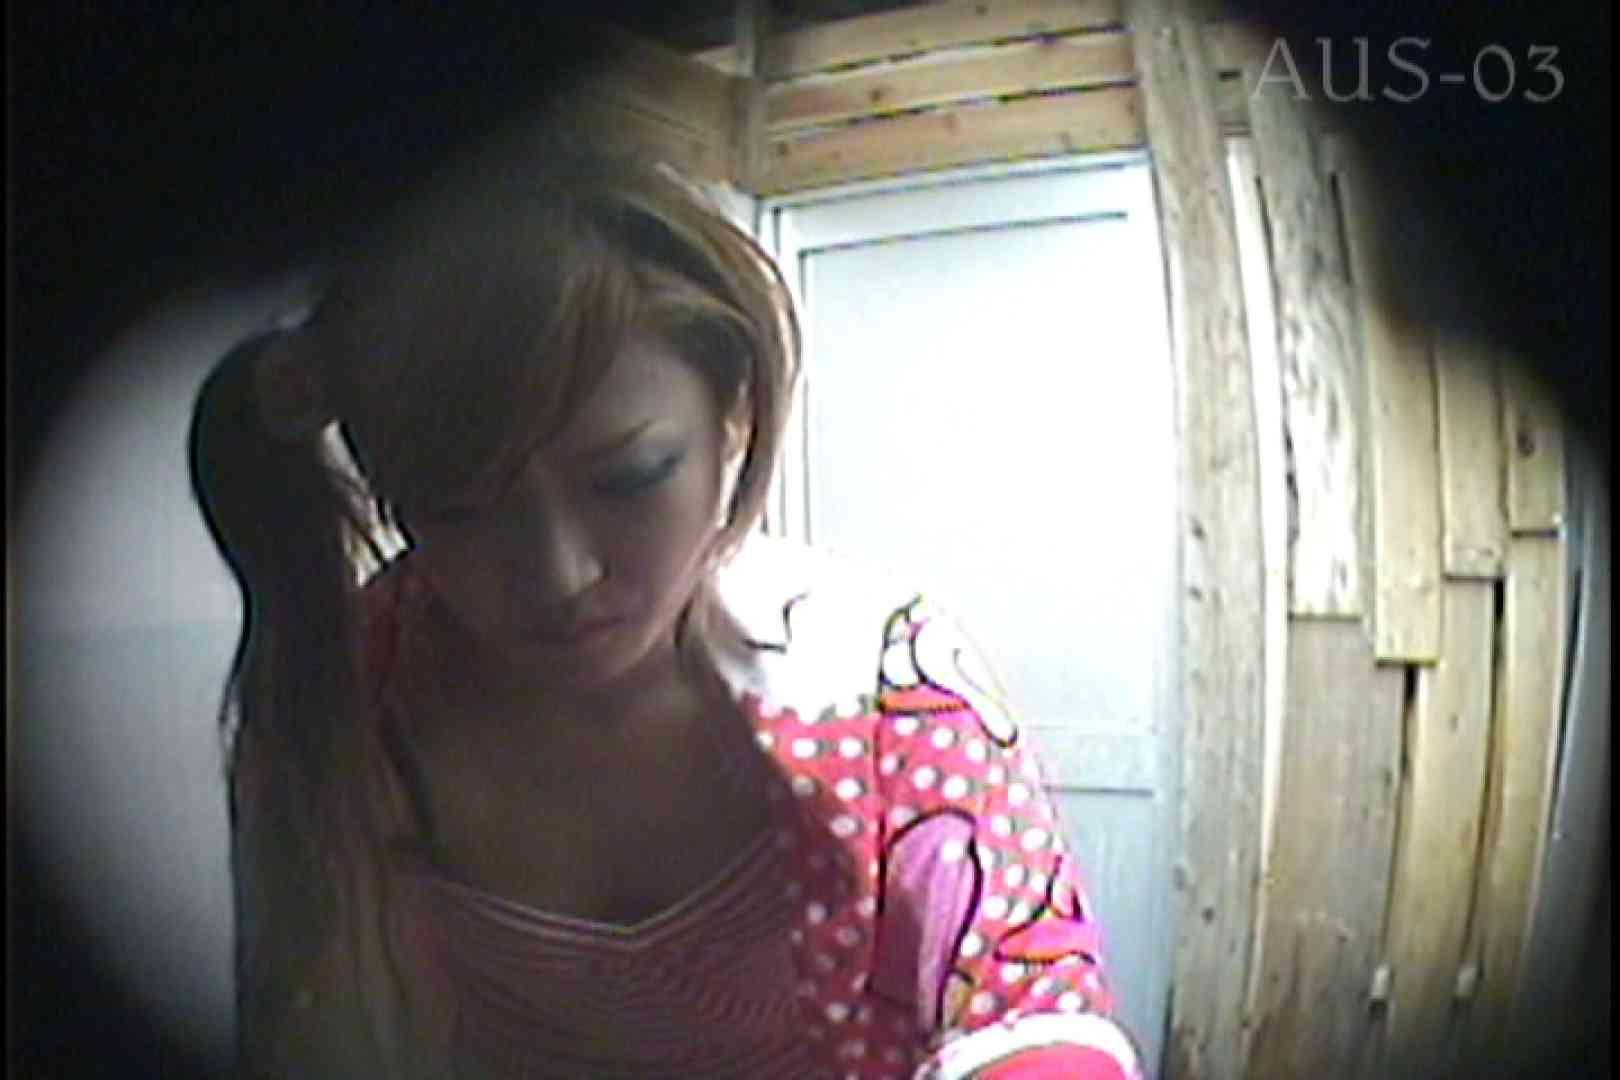 海の家の更衣室 Vol.14 日焼けした肌 オメコ動画キャプチャ 91画像 8